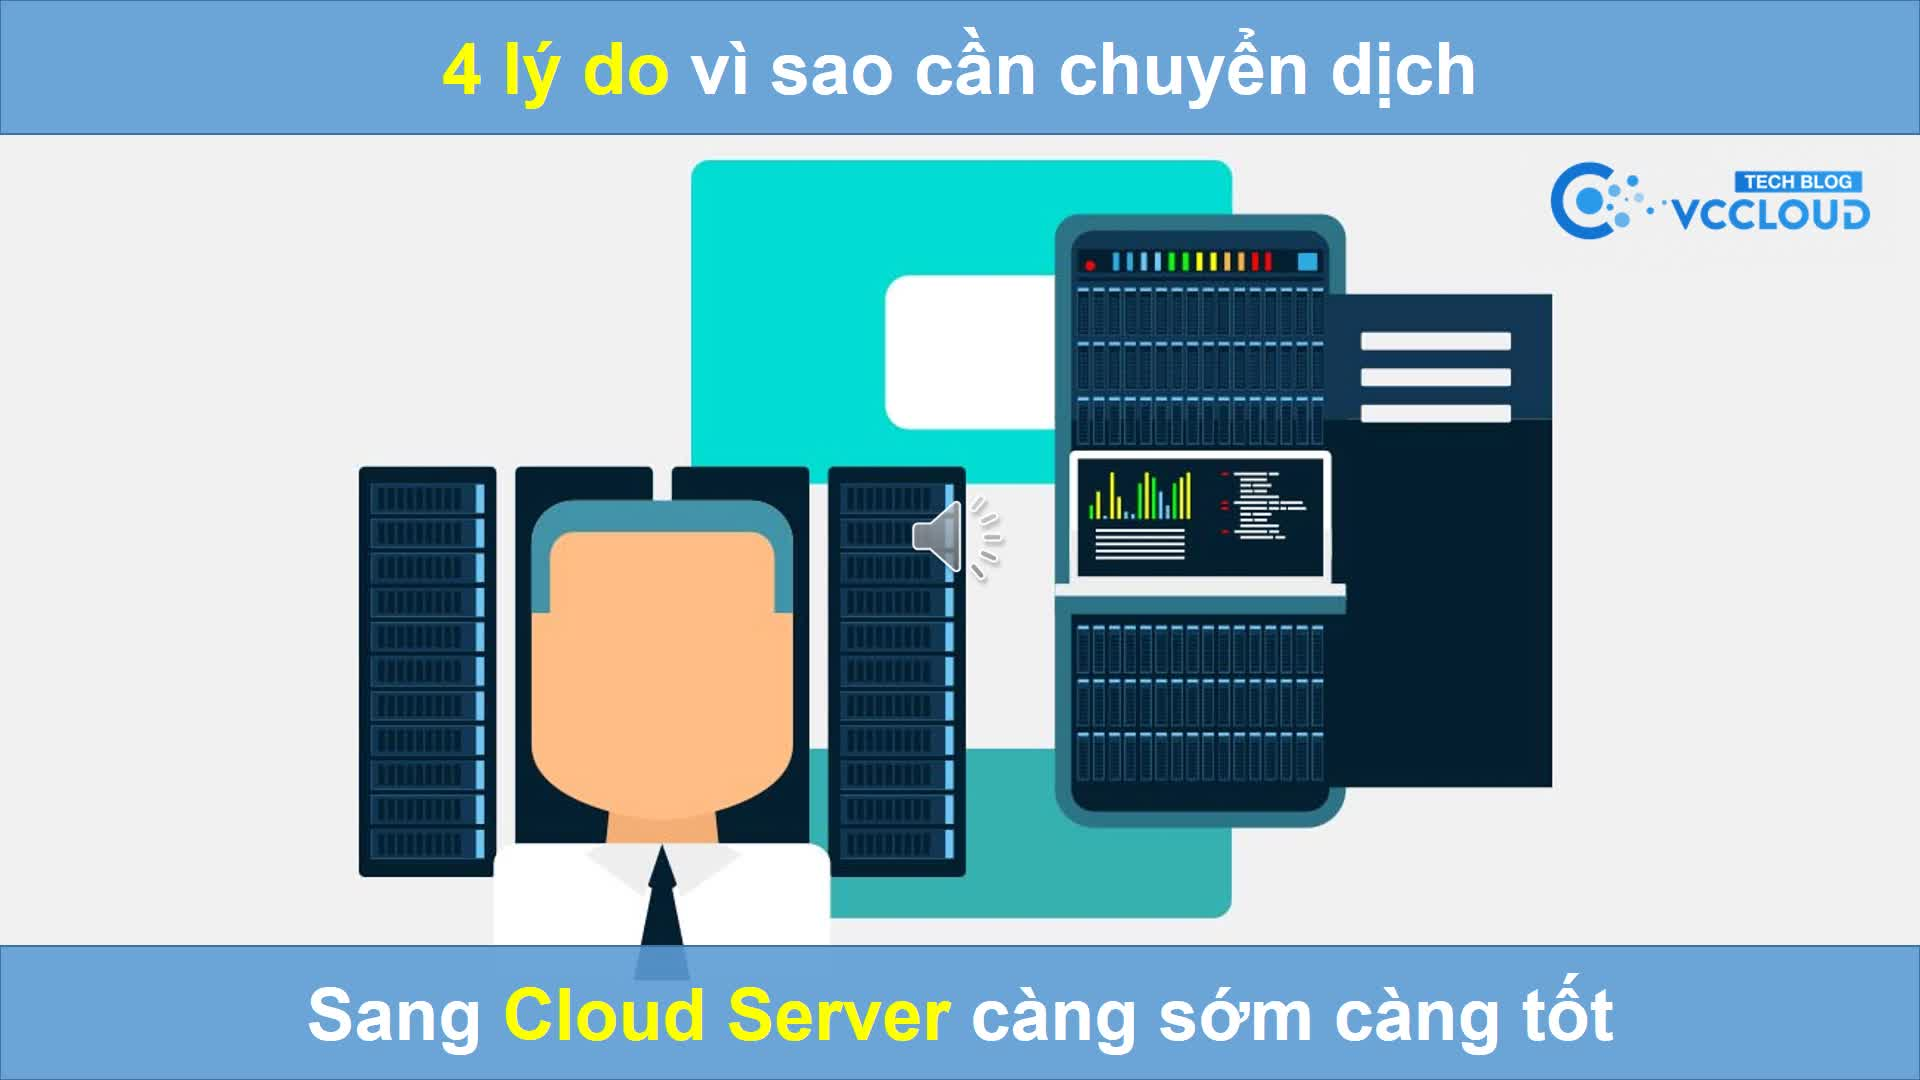 [Mutex video] 4 lý do vì sao cần chuyển dịch sang cloud server càng sớm càng tốt